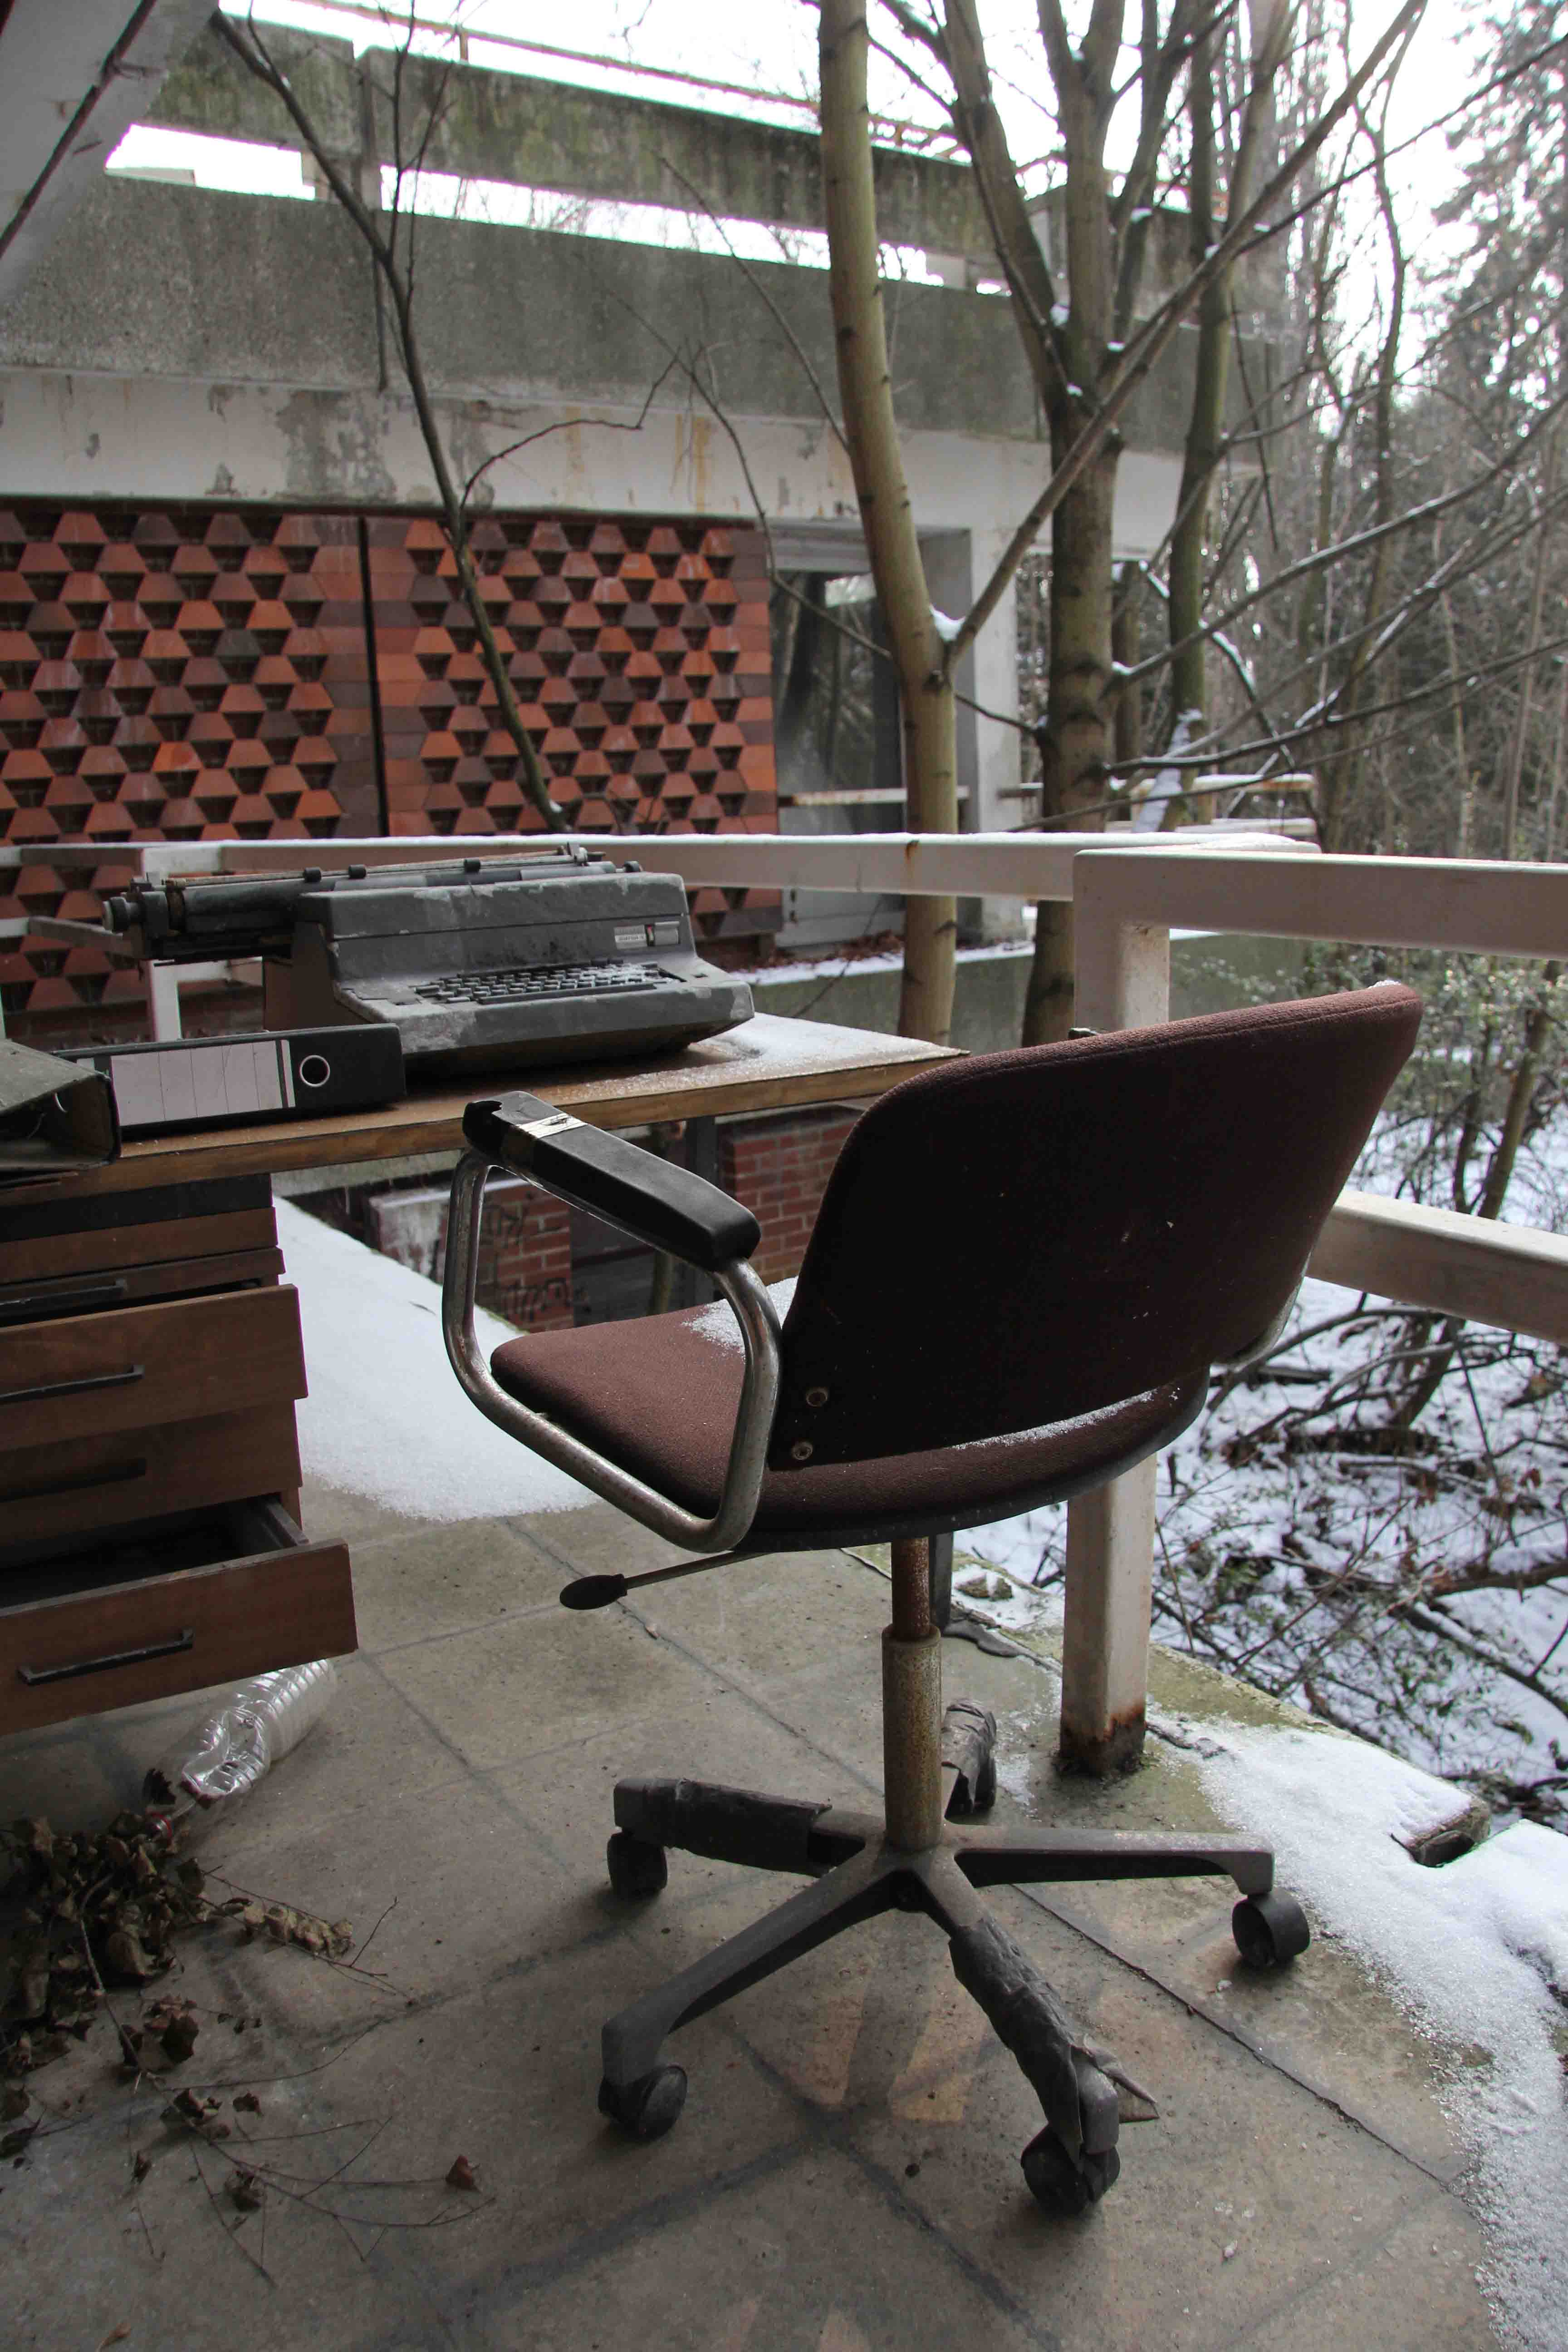 Chair and Desk on Balcony - Abandoned Iraqi Embassy Berlin - Die Verlassene Irakische Botschaft